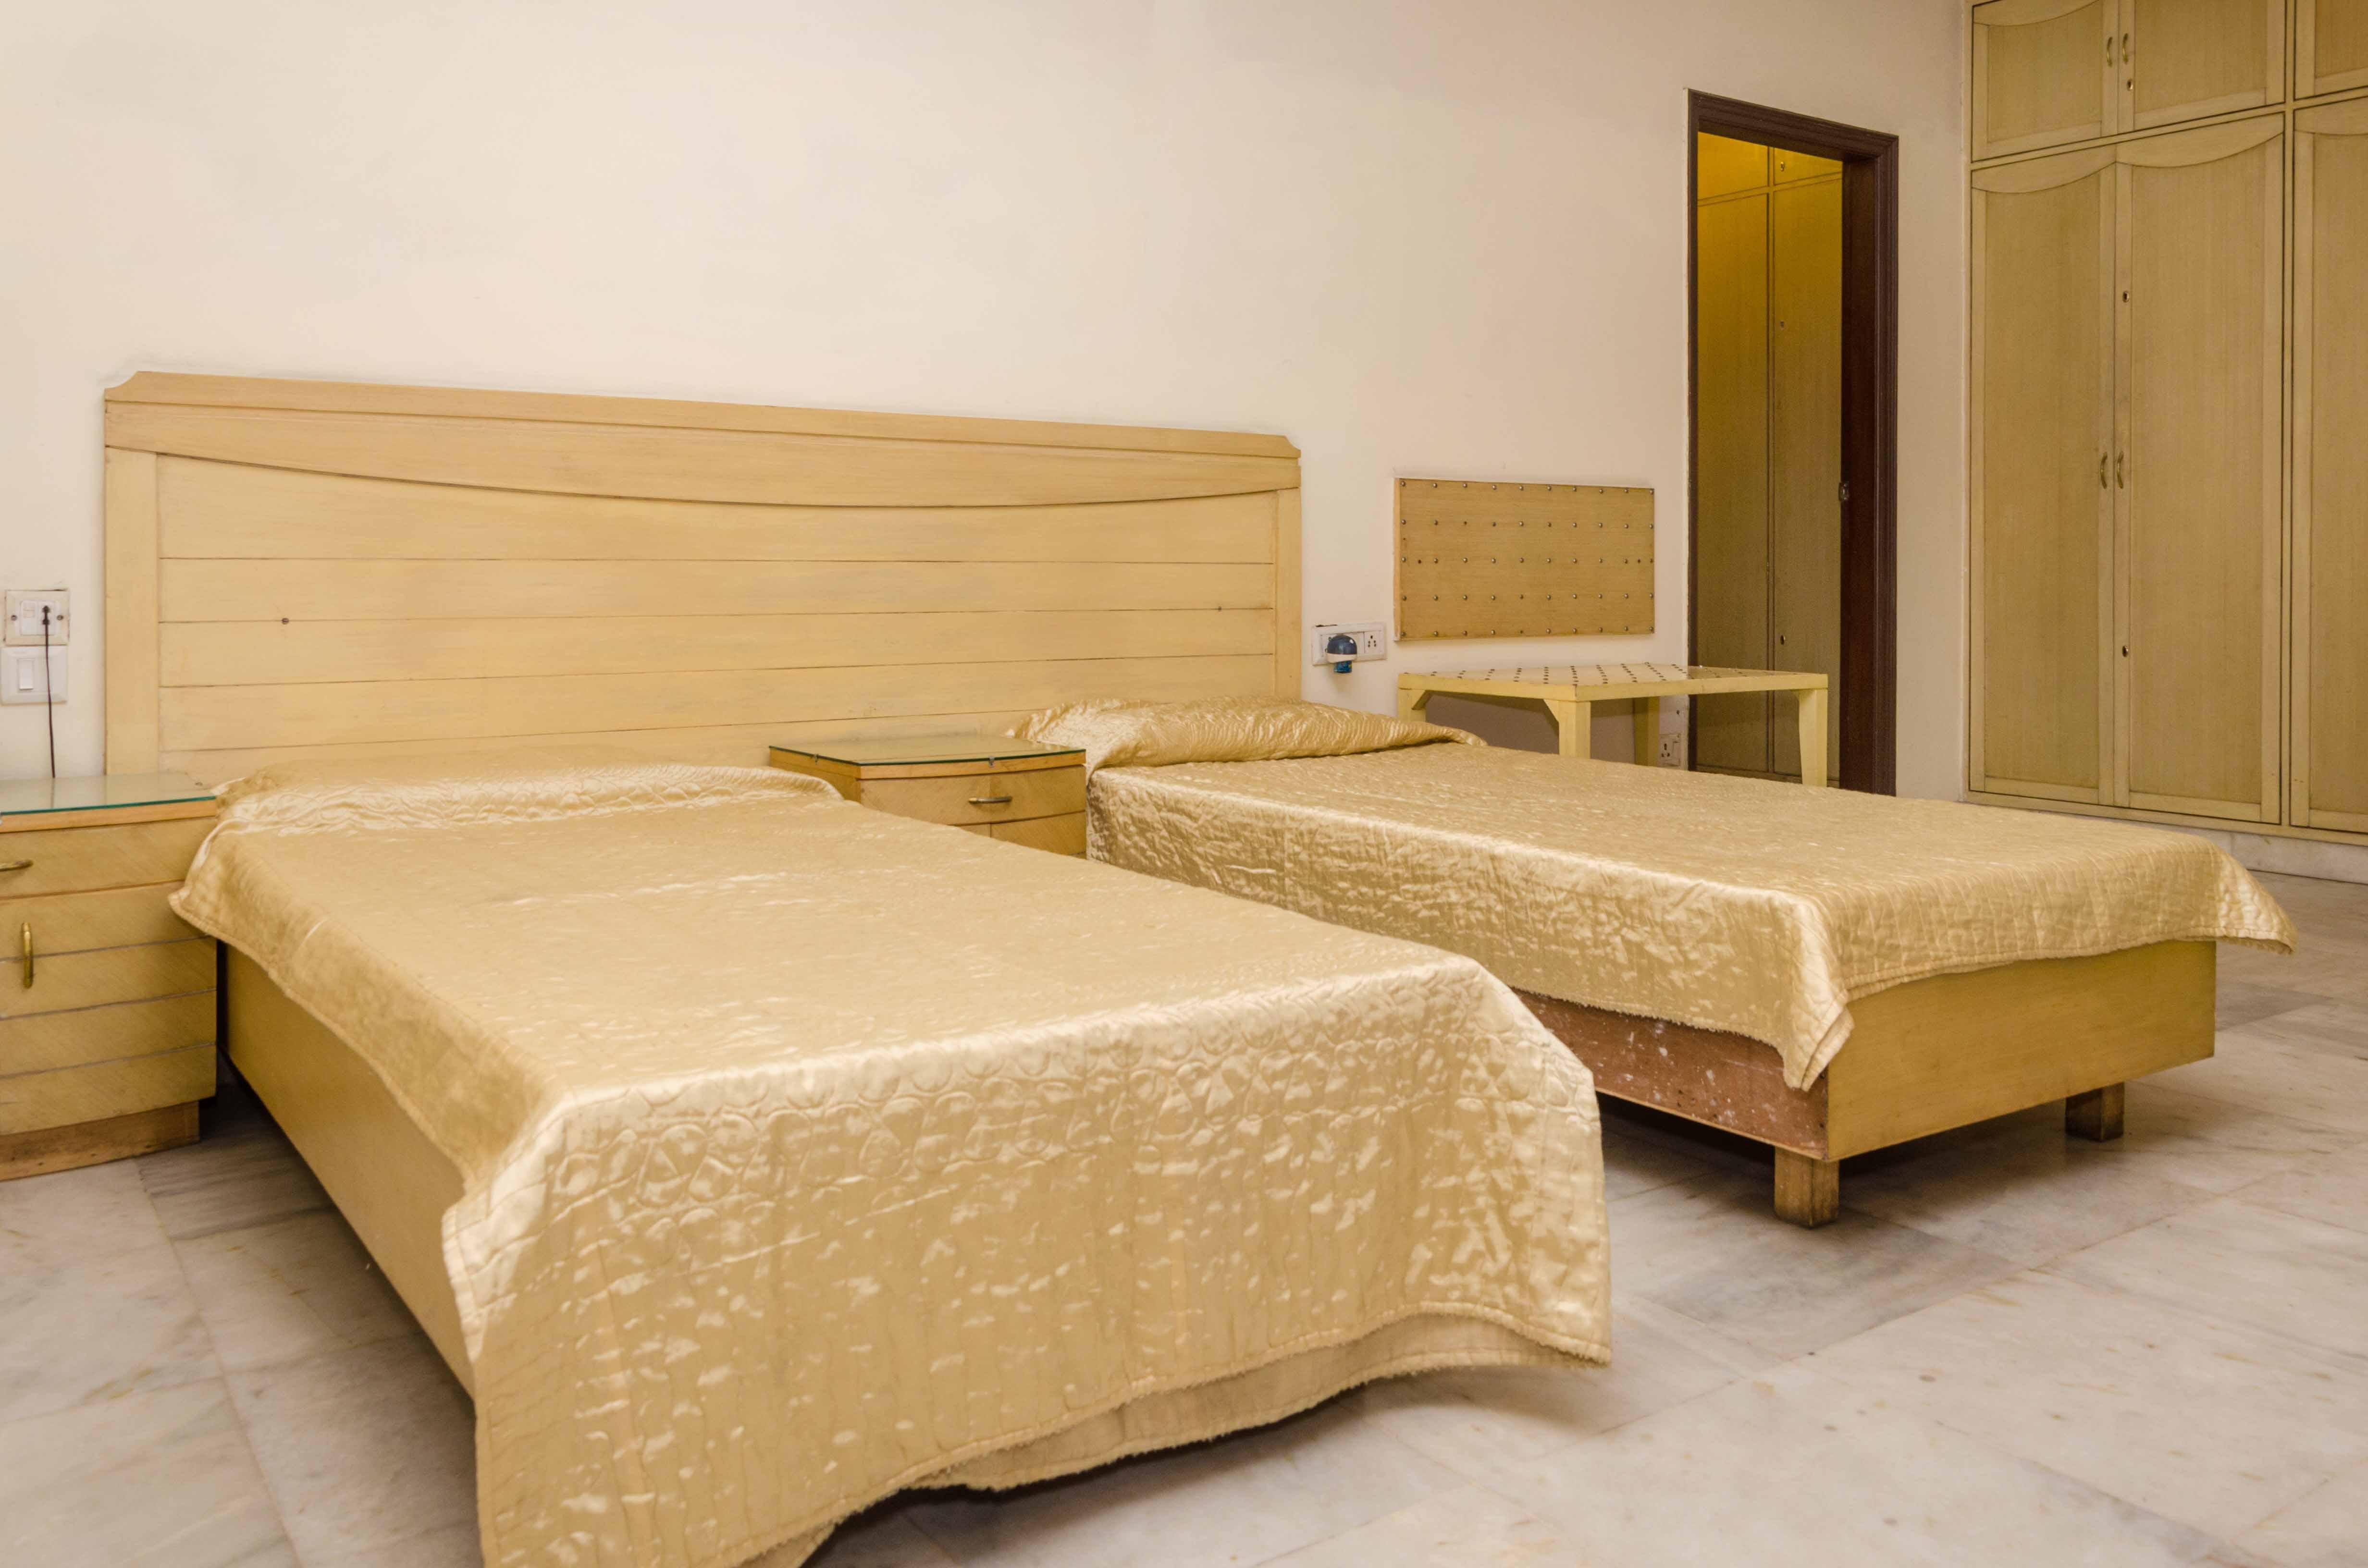 Studio Private Rooms For Men At ₹12000 In New Friends Colony, Delhi